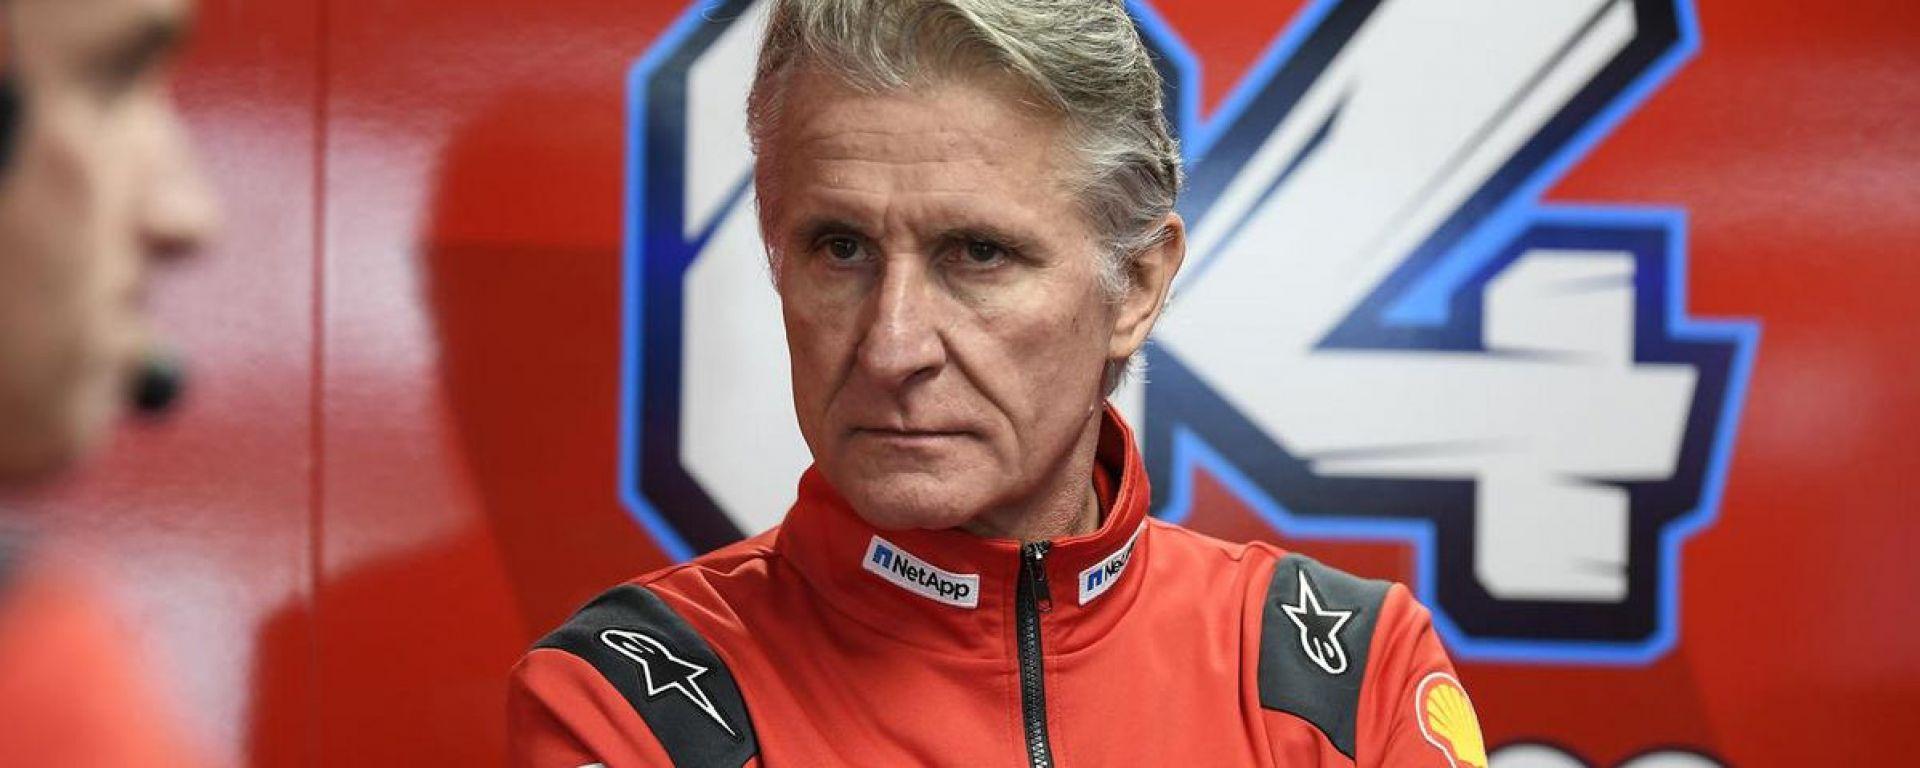 MotoGP, Paolo Ciabatti, direttore sportivo della Ducati Corse